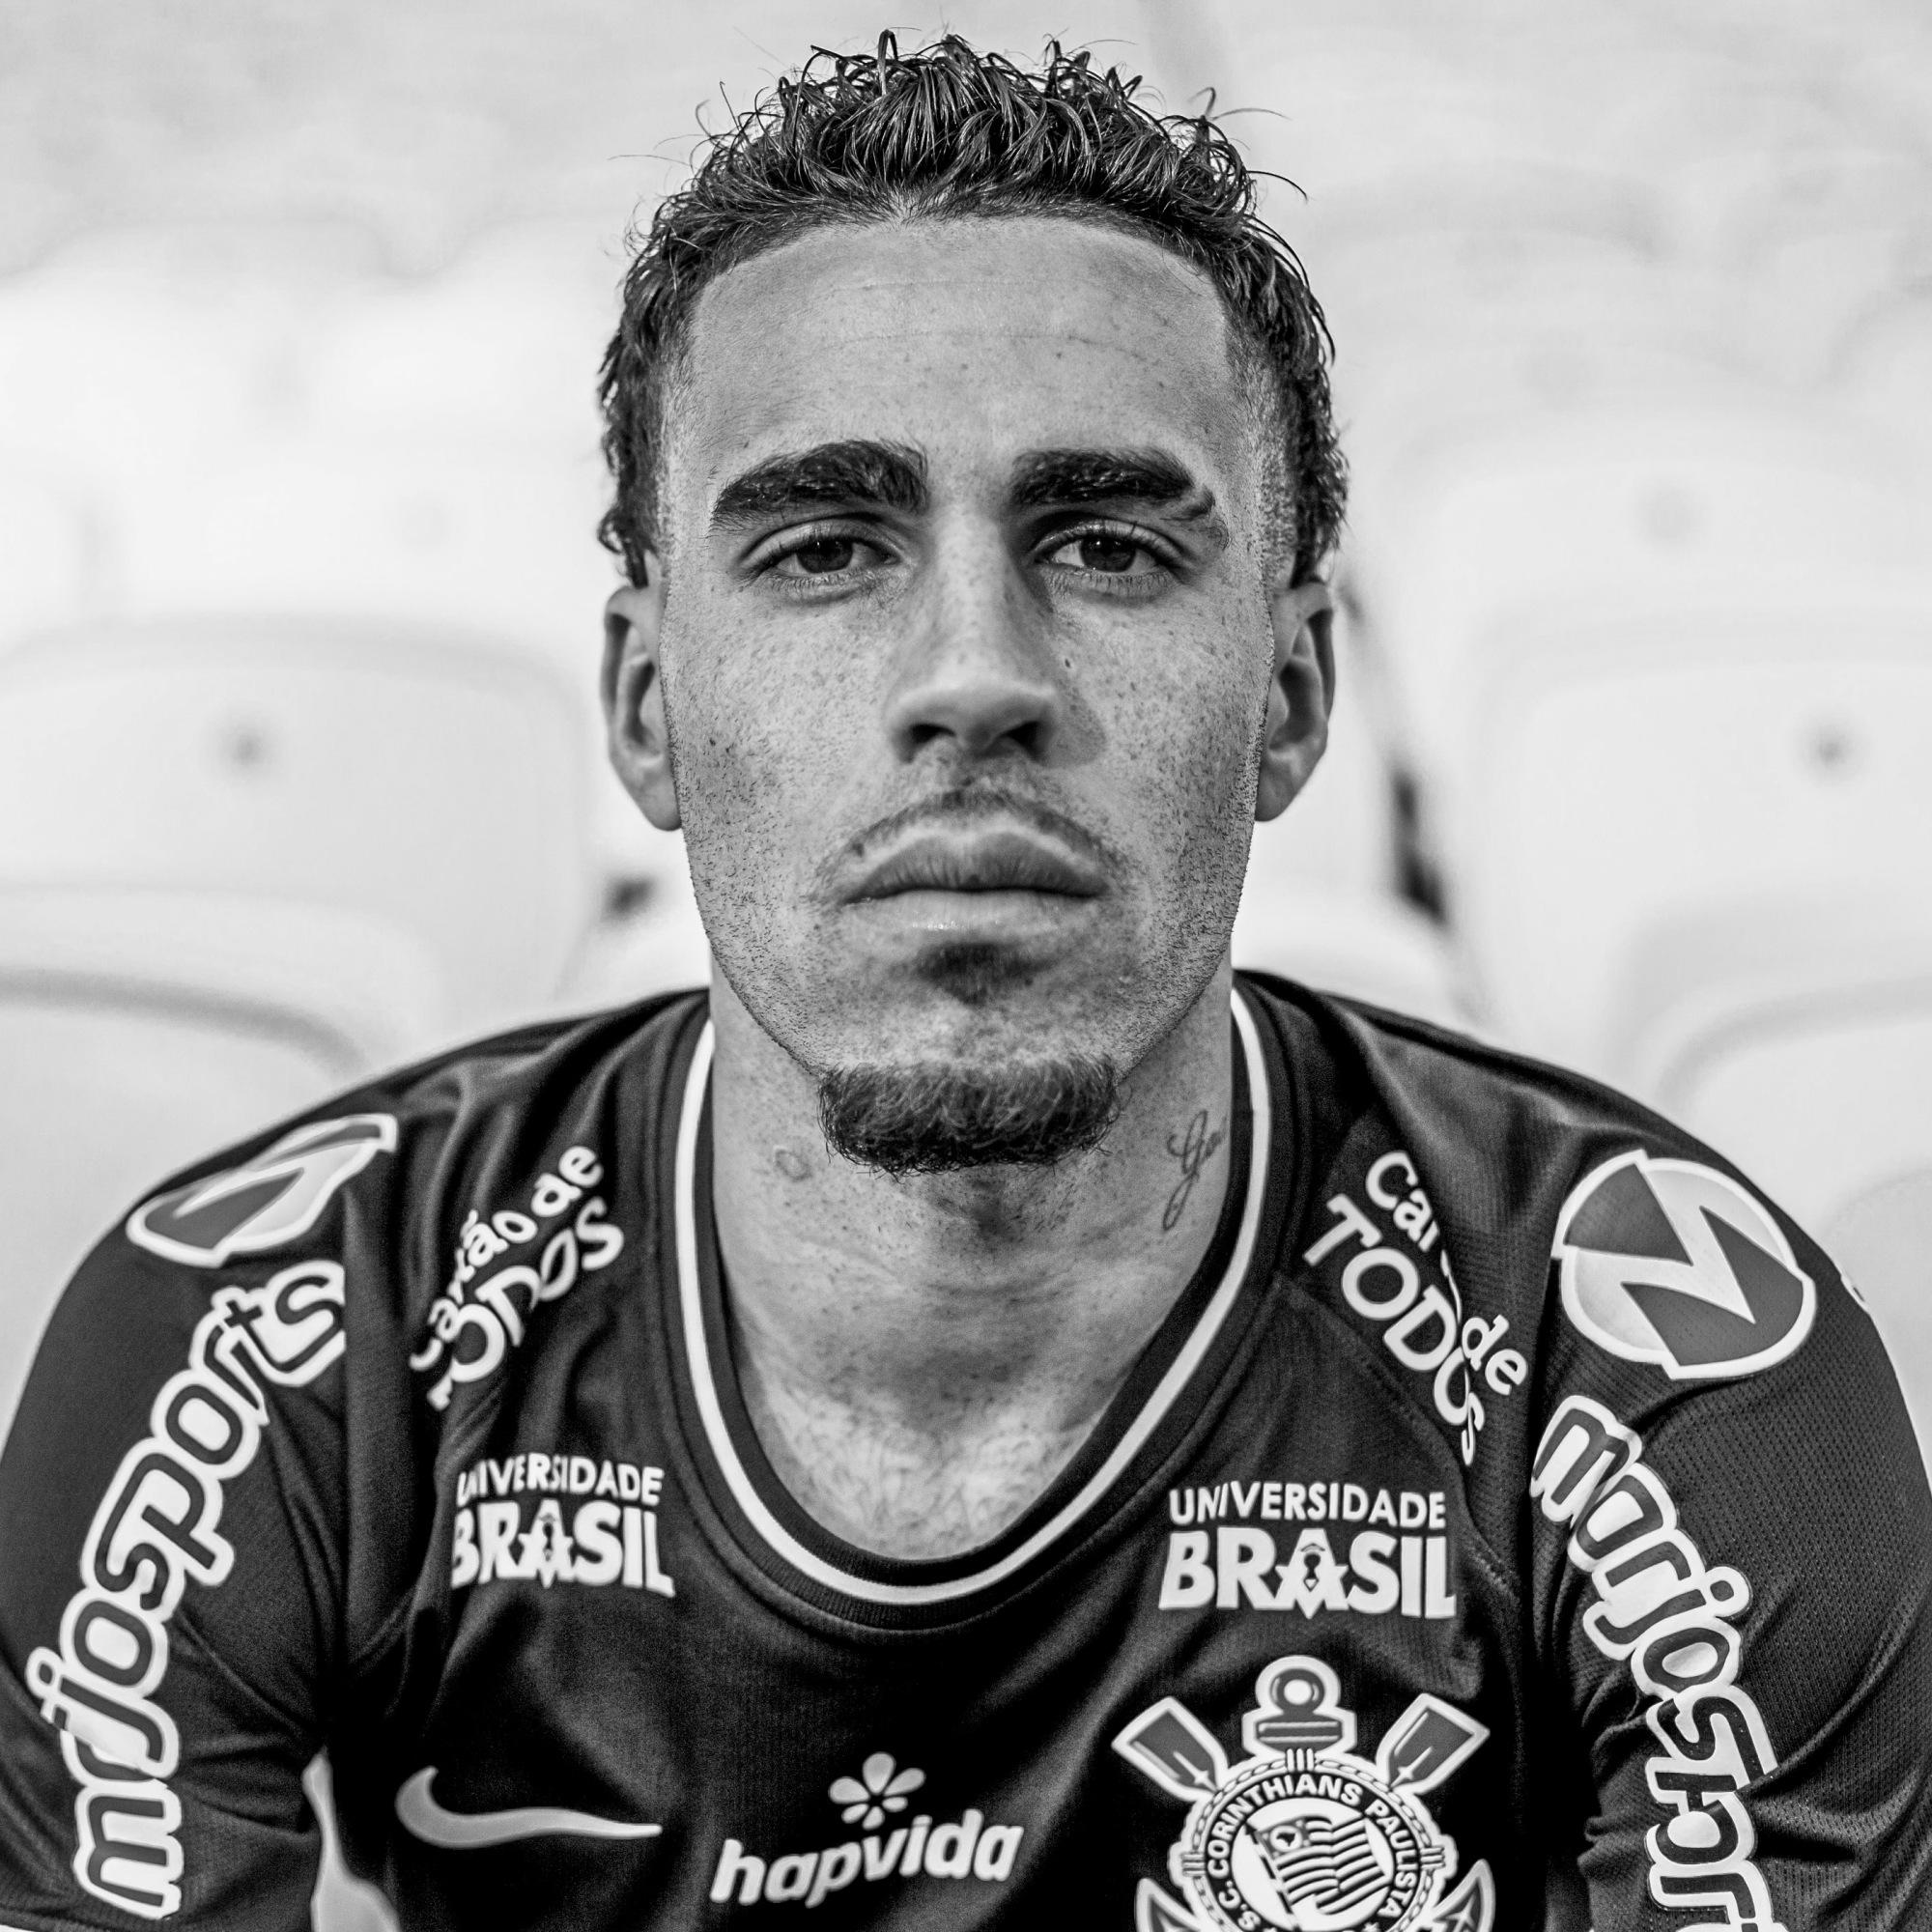 Gabriel Girotto Franco, 27 anos, volante, bicampeão brasileiro. instagram.com/gabriel twitter.com/g_gabriel5 facebook.com/GabrielGirottoOficial tiktok: @g_gabriel5